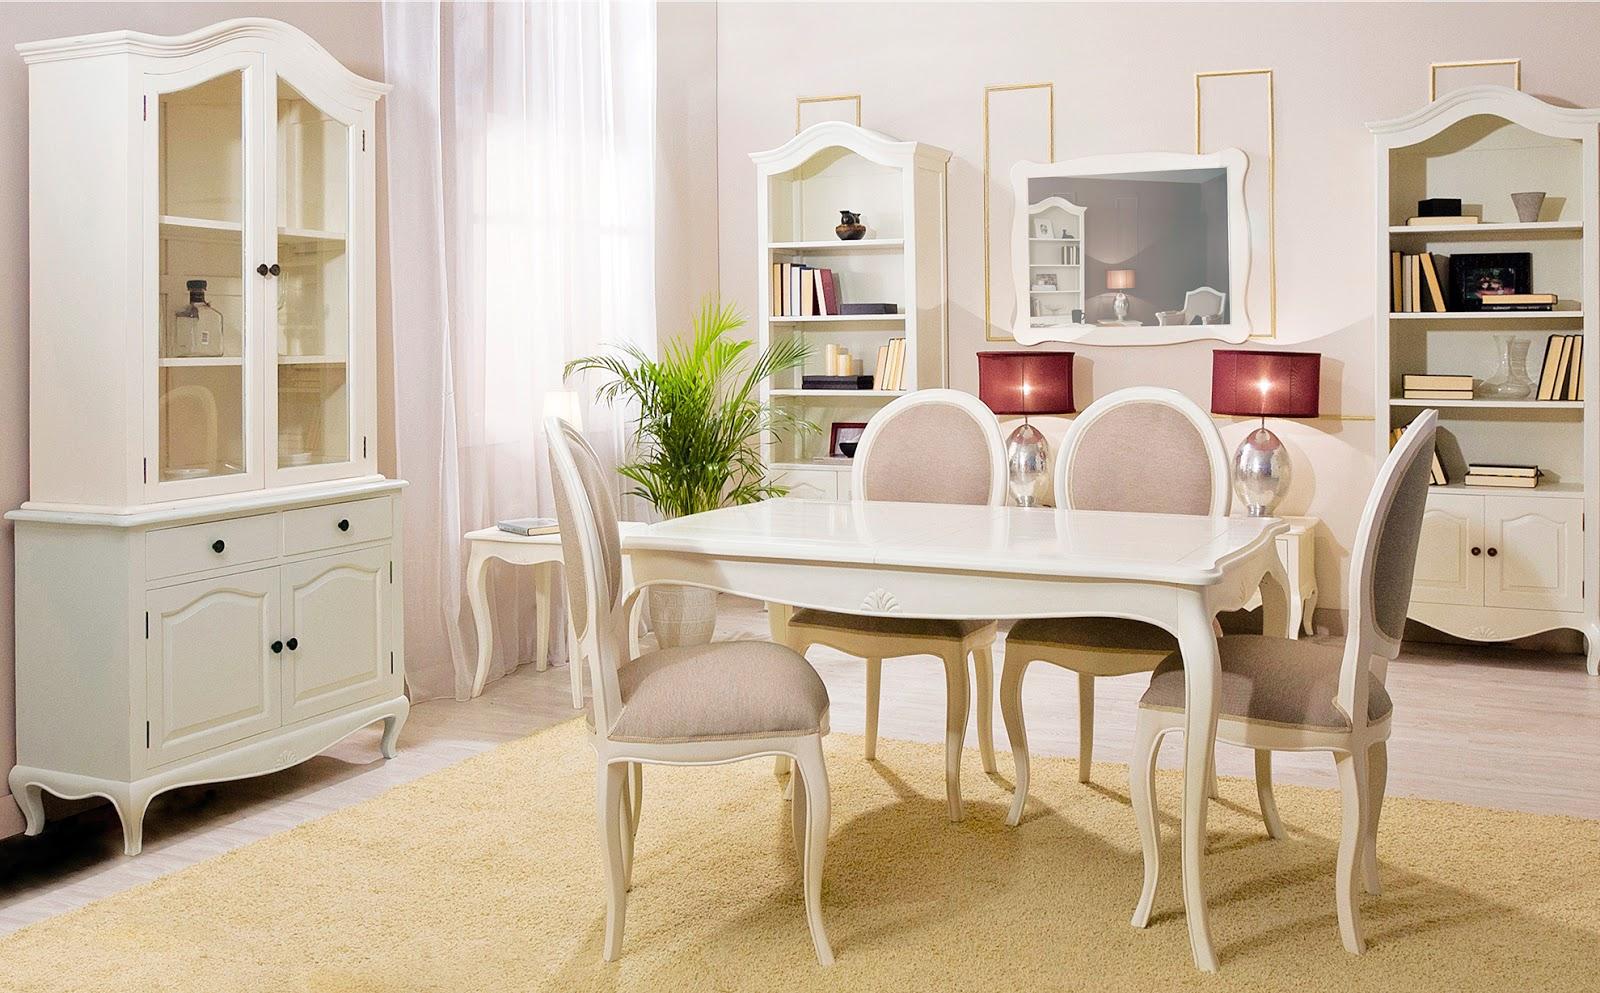 Muebles de comedor 10 comedores con vitrina - Muebles de decoracion ...